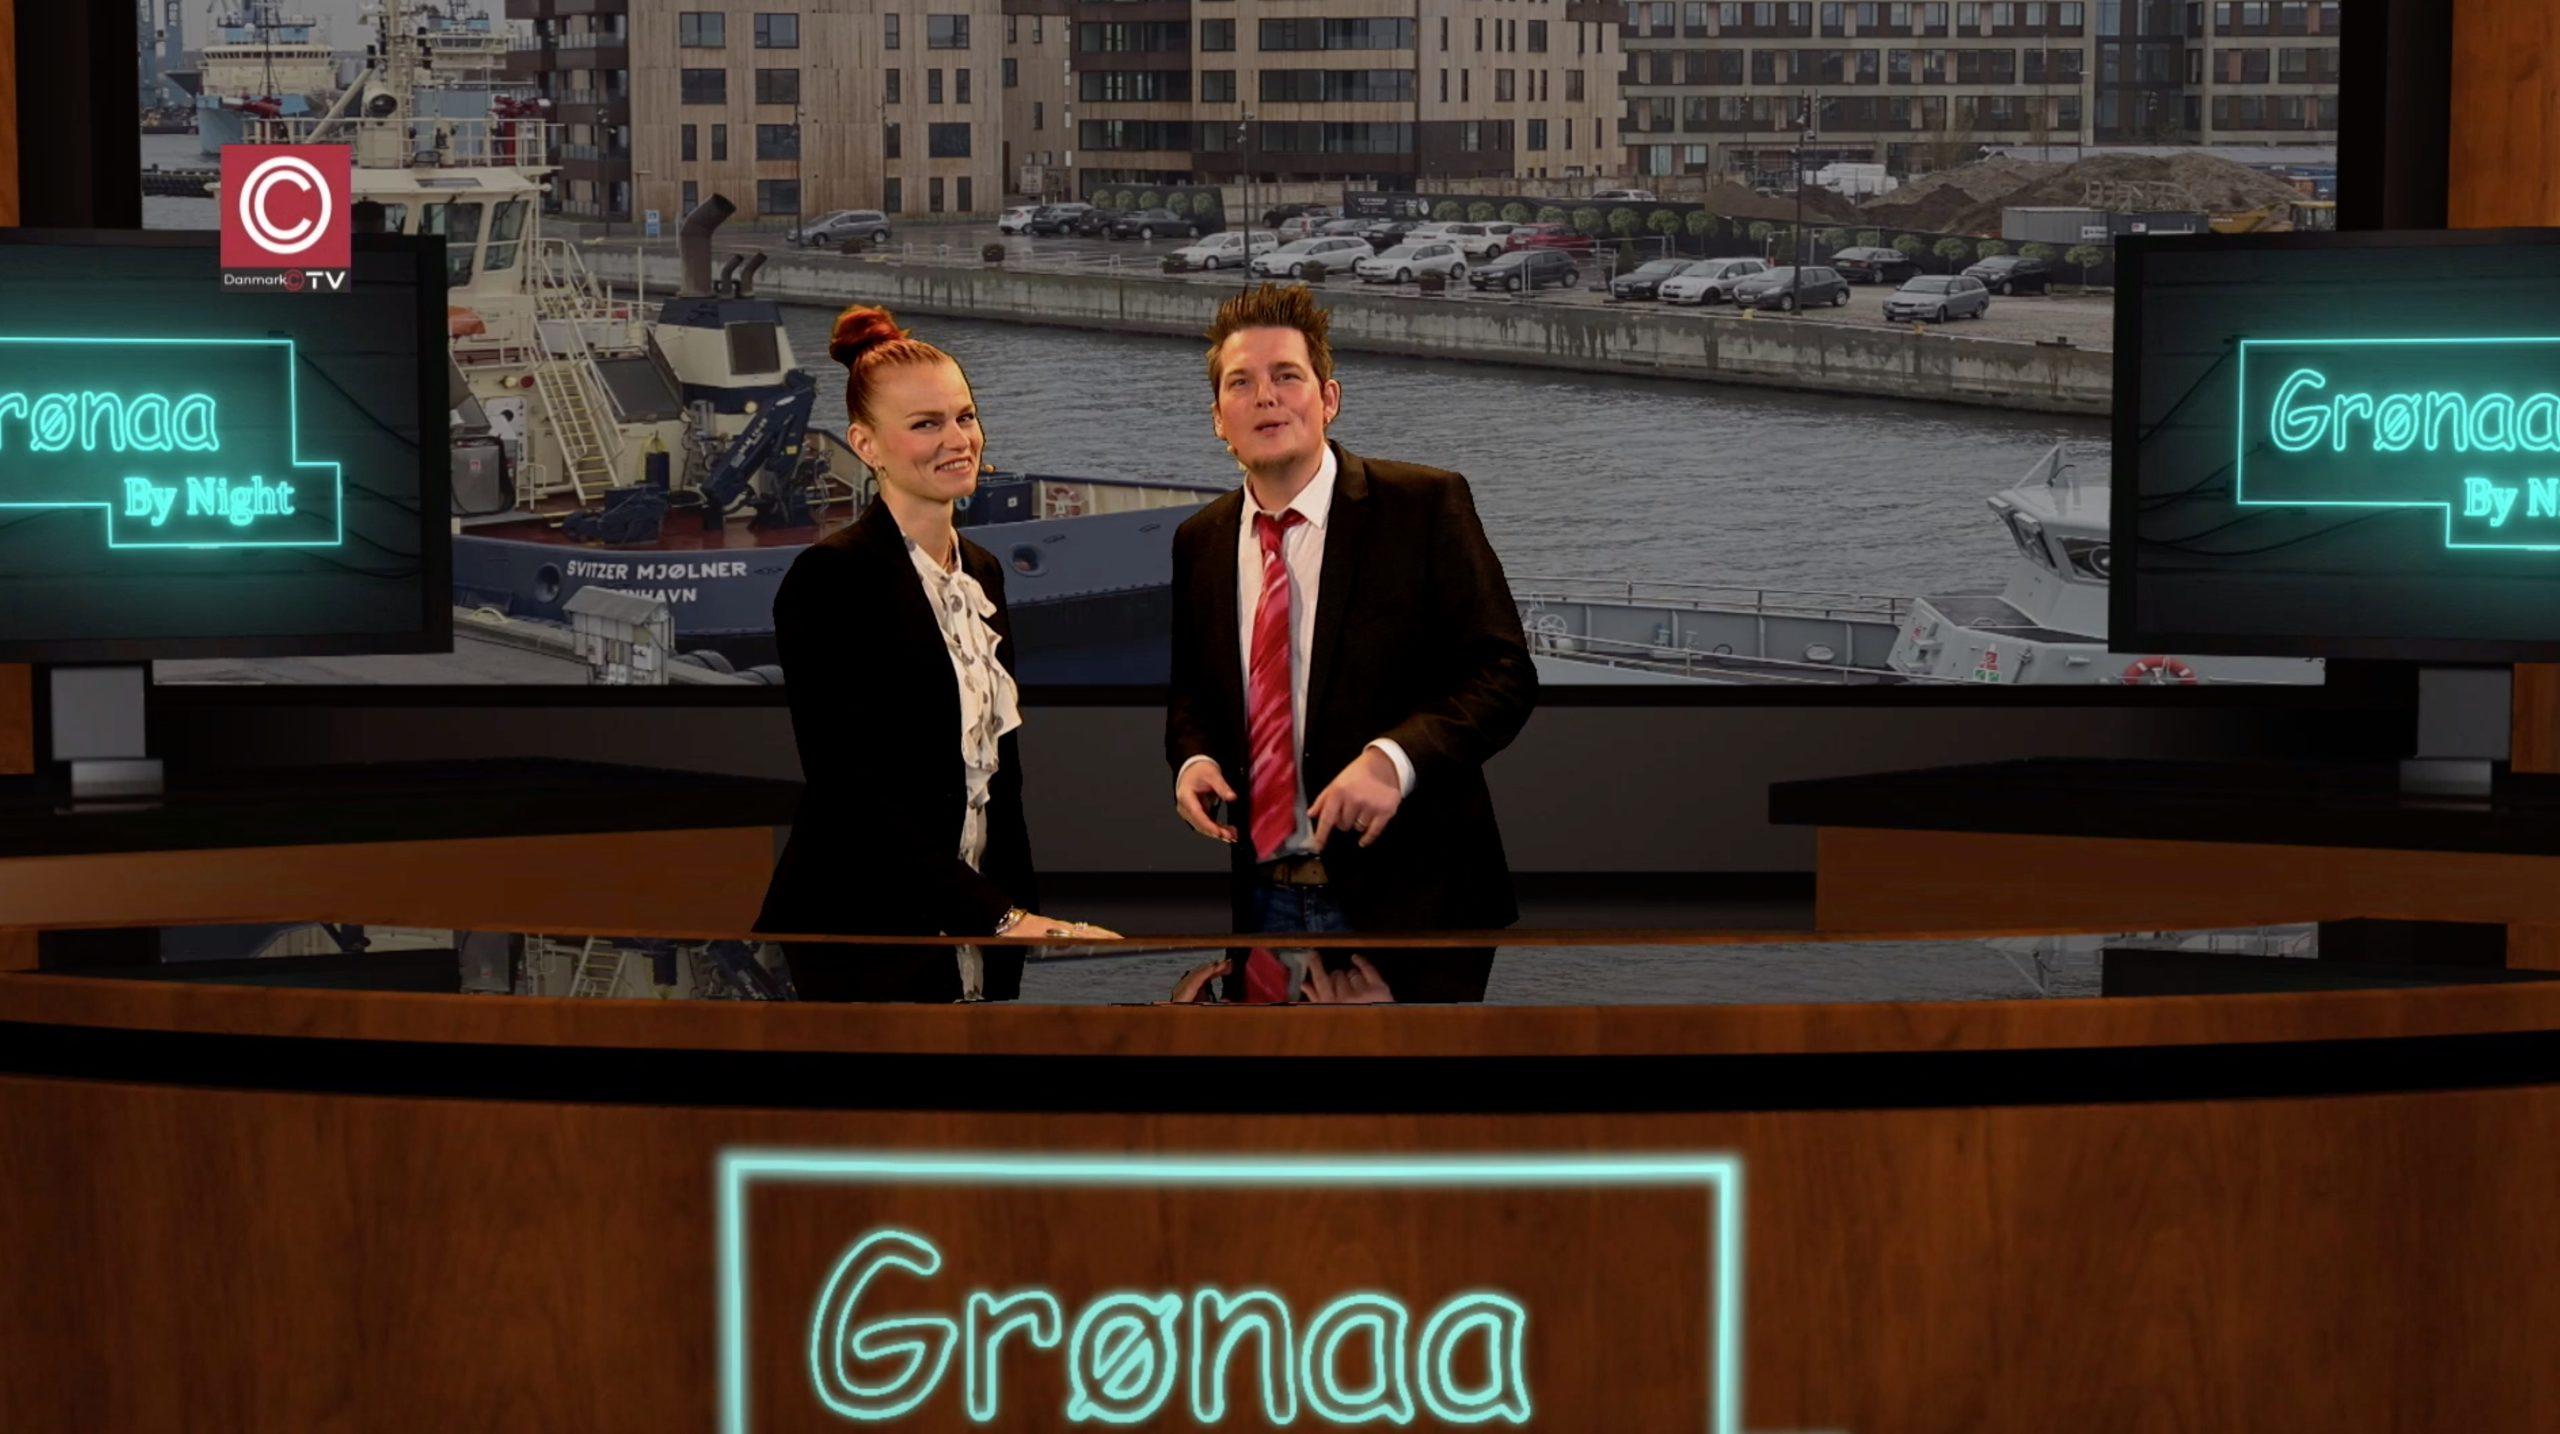 """""""Grønaa By Night"""": Det her er Strategi for udsathed"""